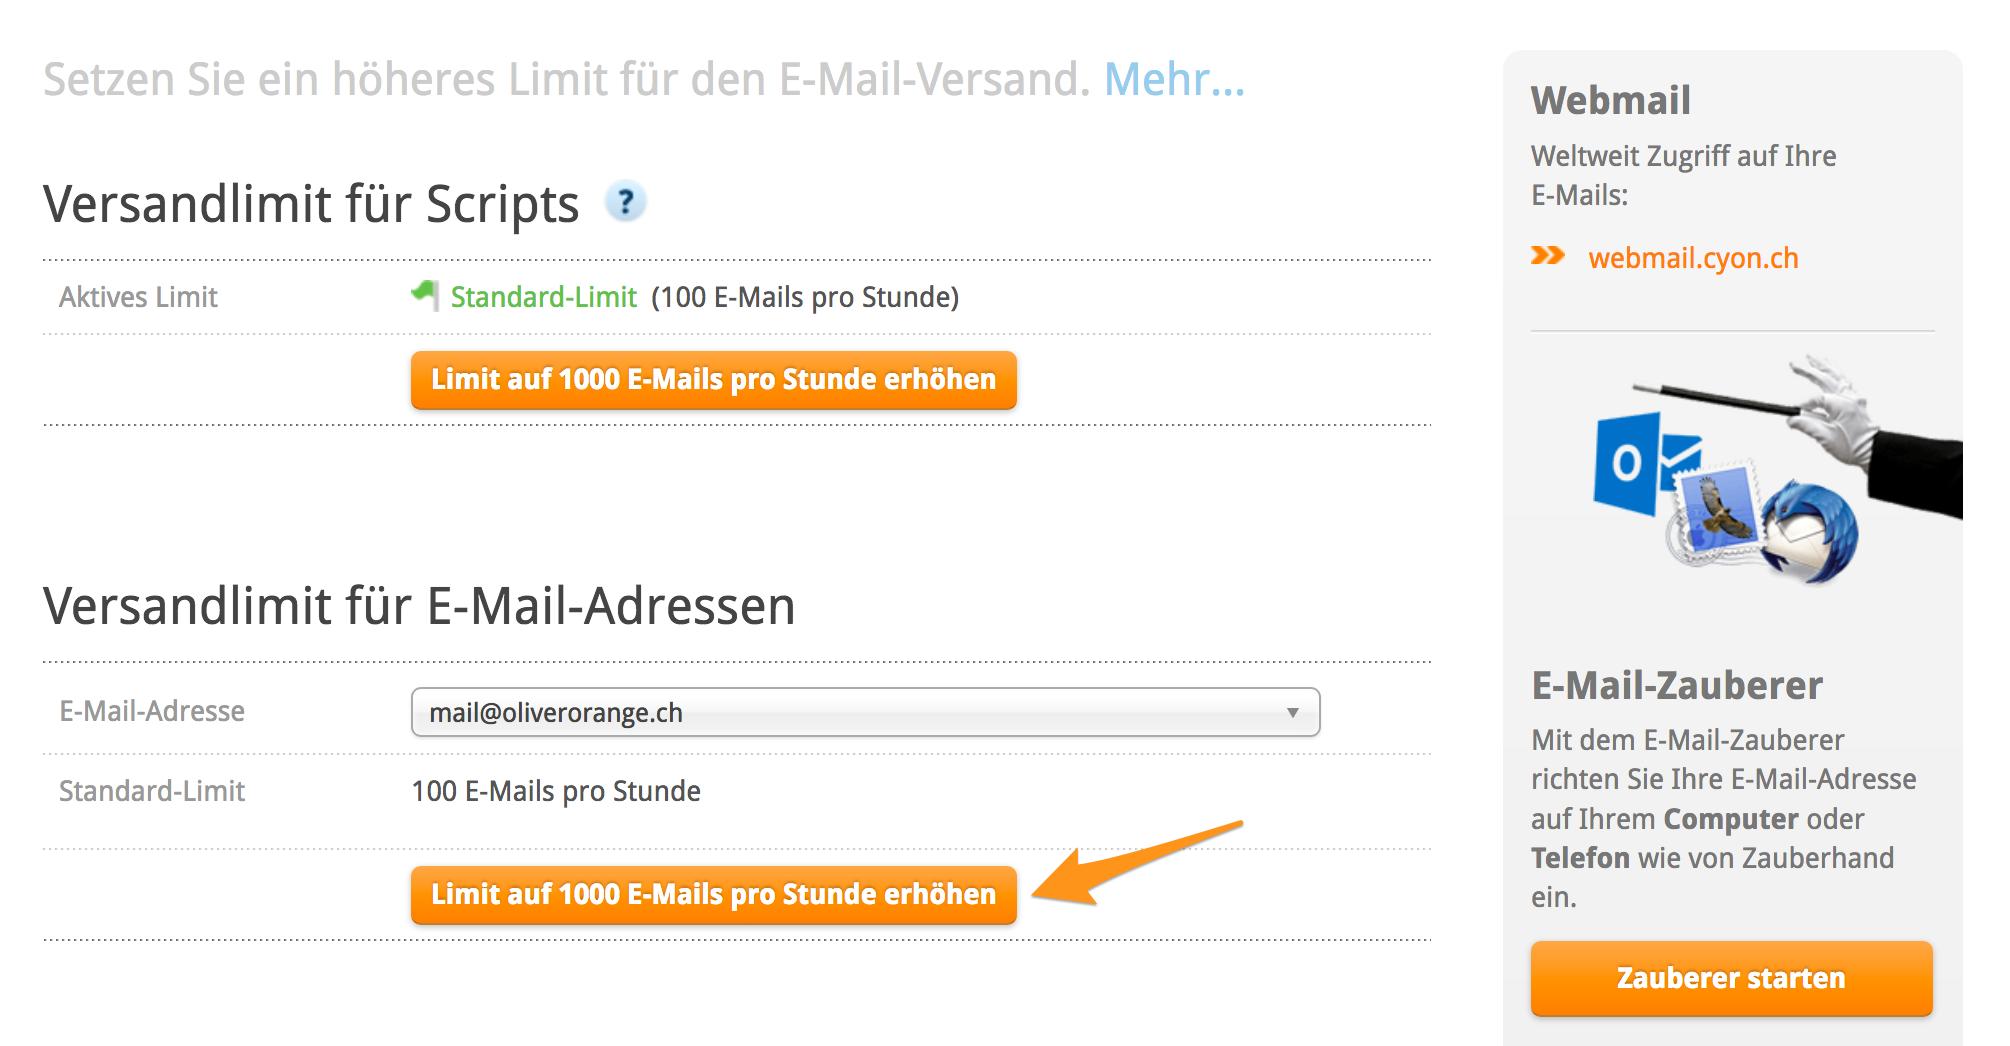 Versandlimit für eine E-Mail-Adressen